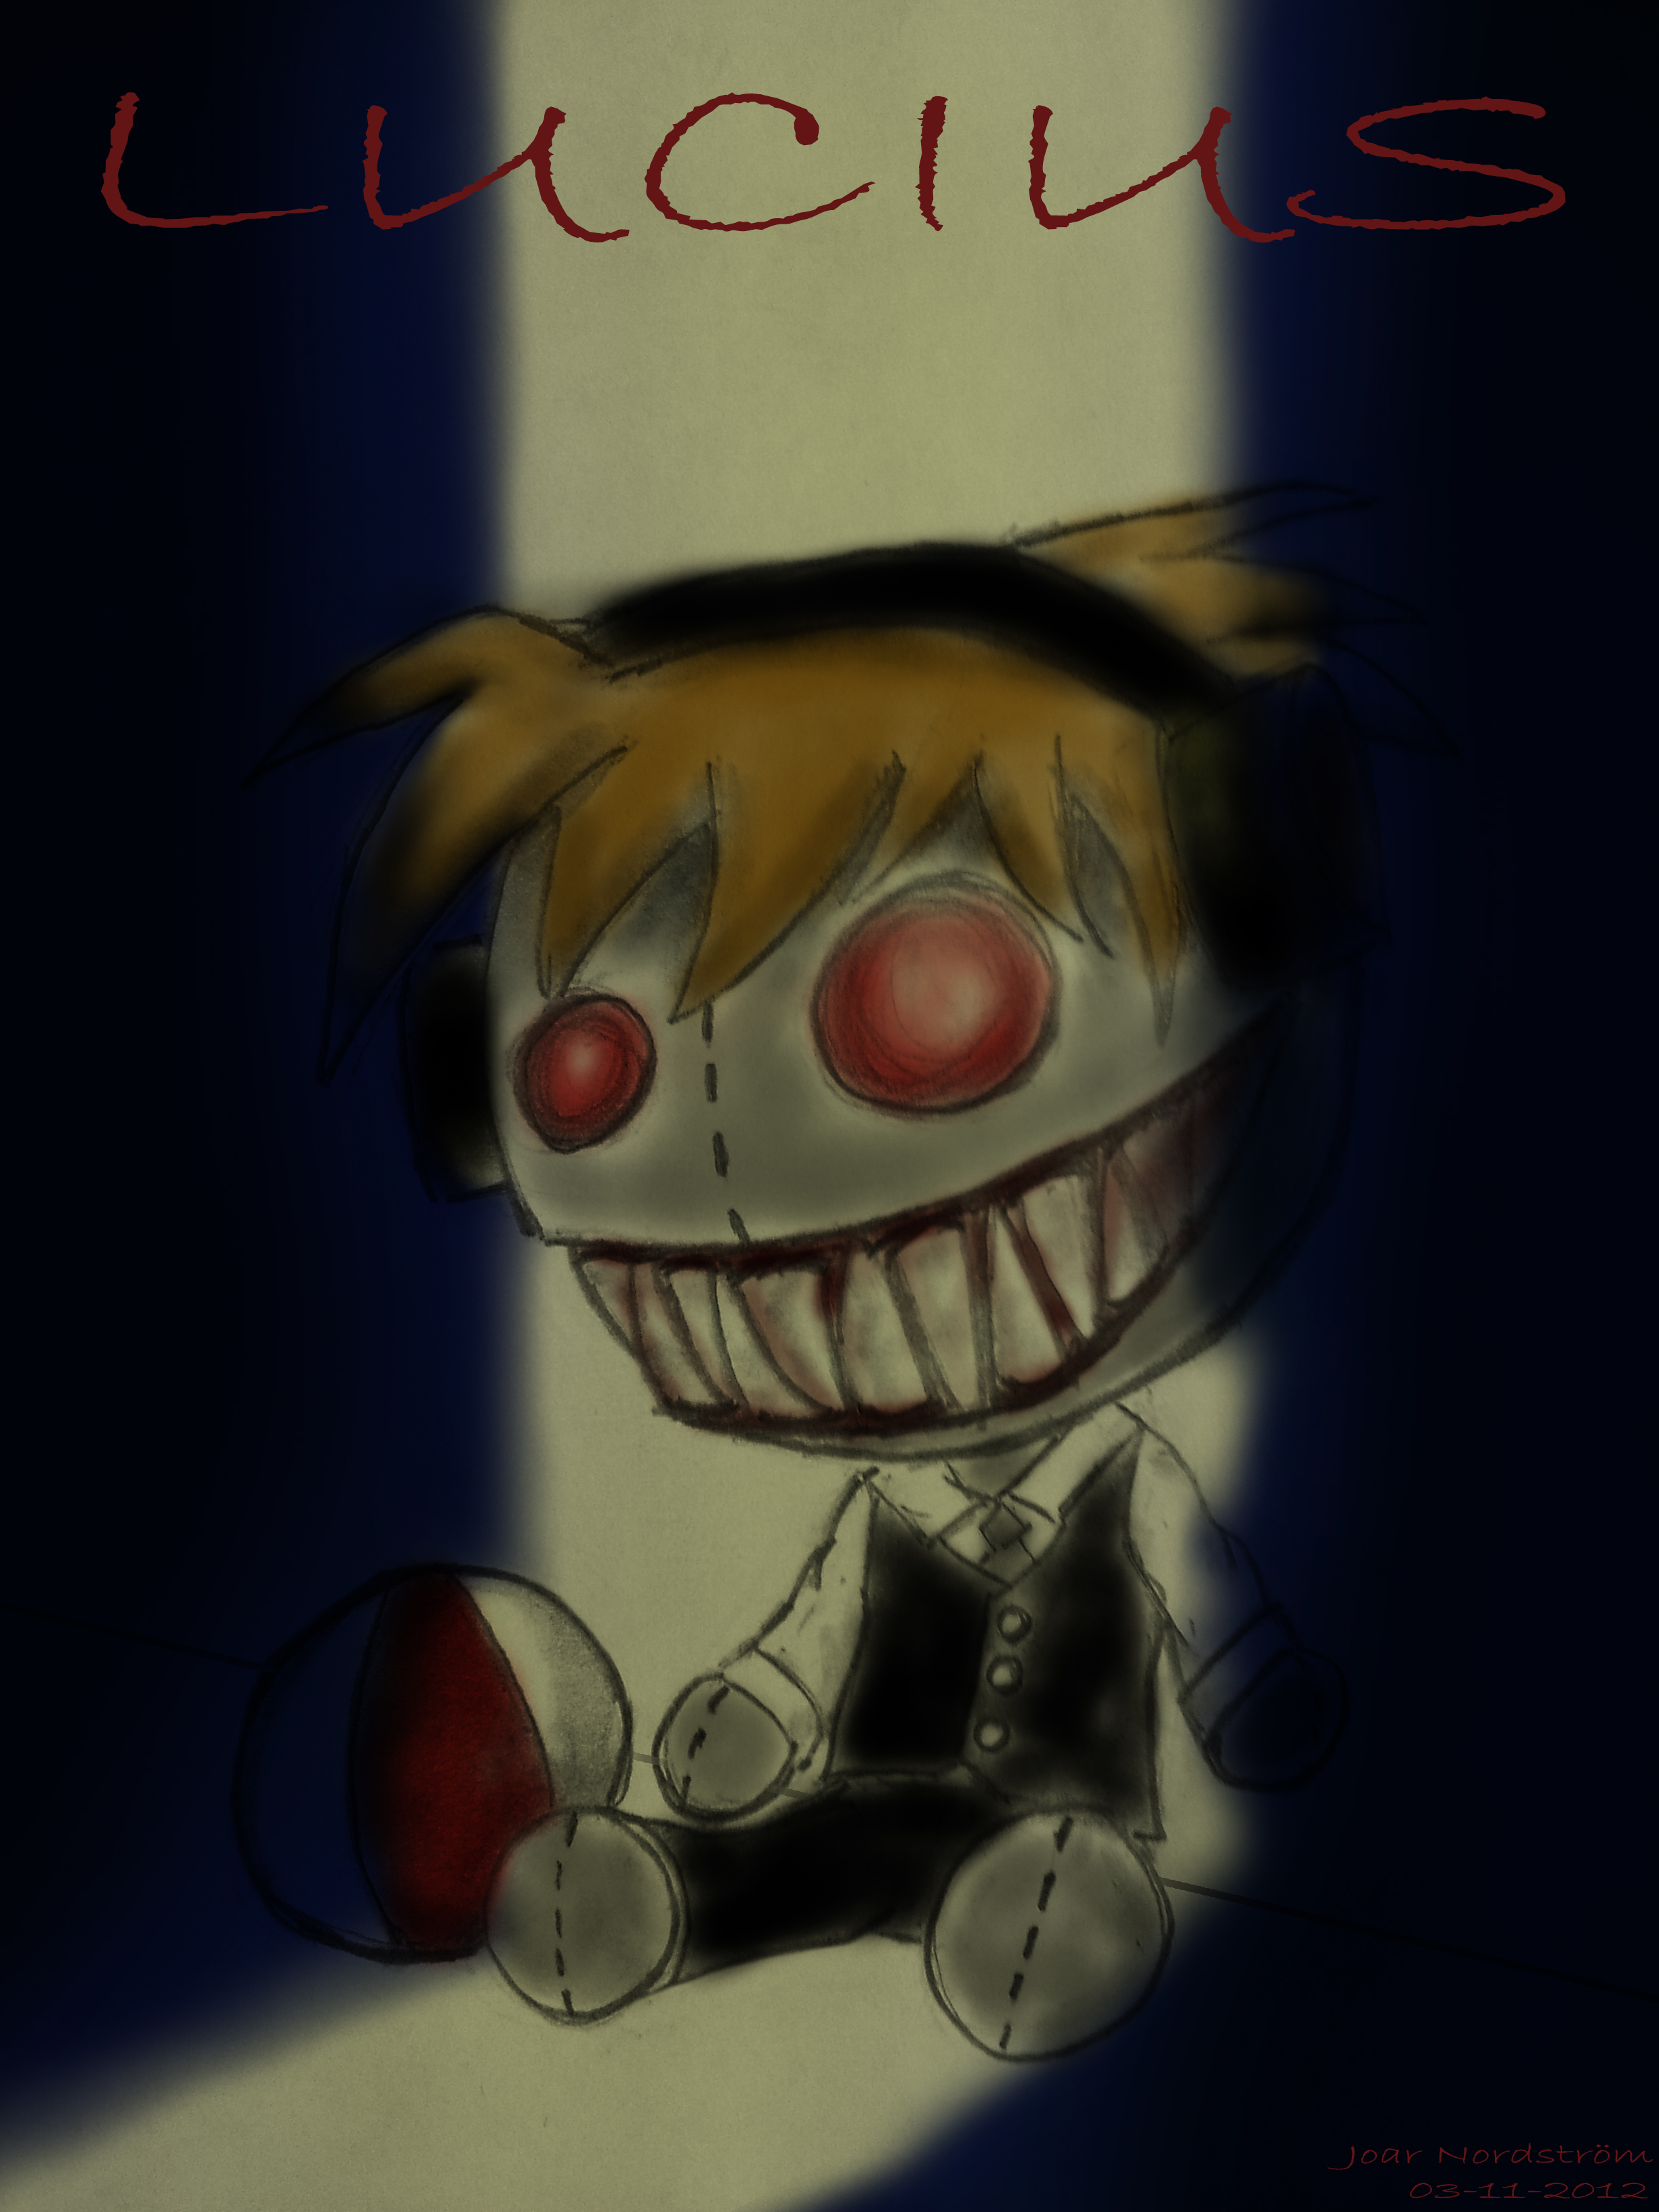 A little PewDiePie-doll... by joar9410